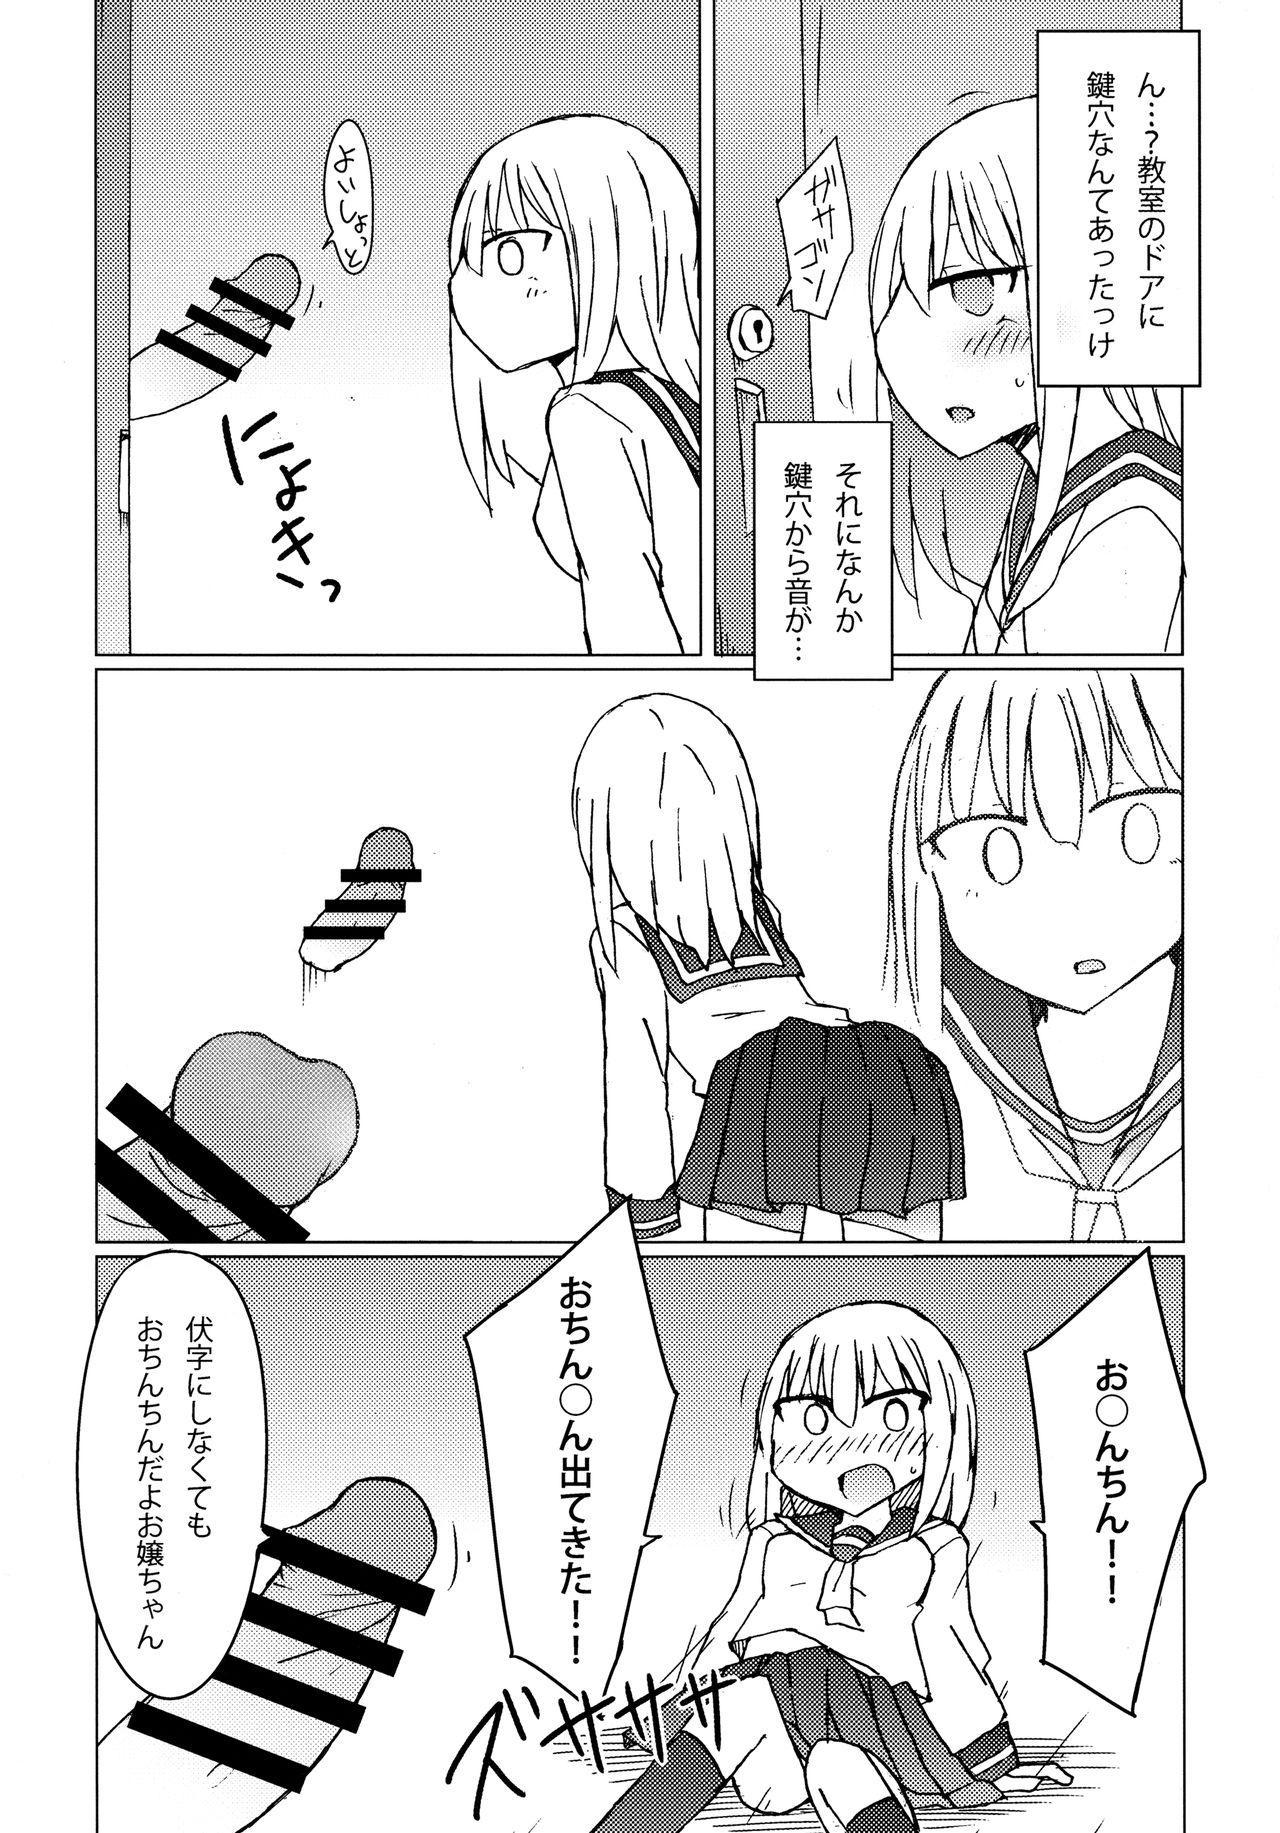 JK vs Tekoki Shinai to Derarenai Heya 3